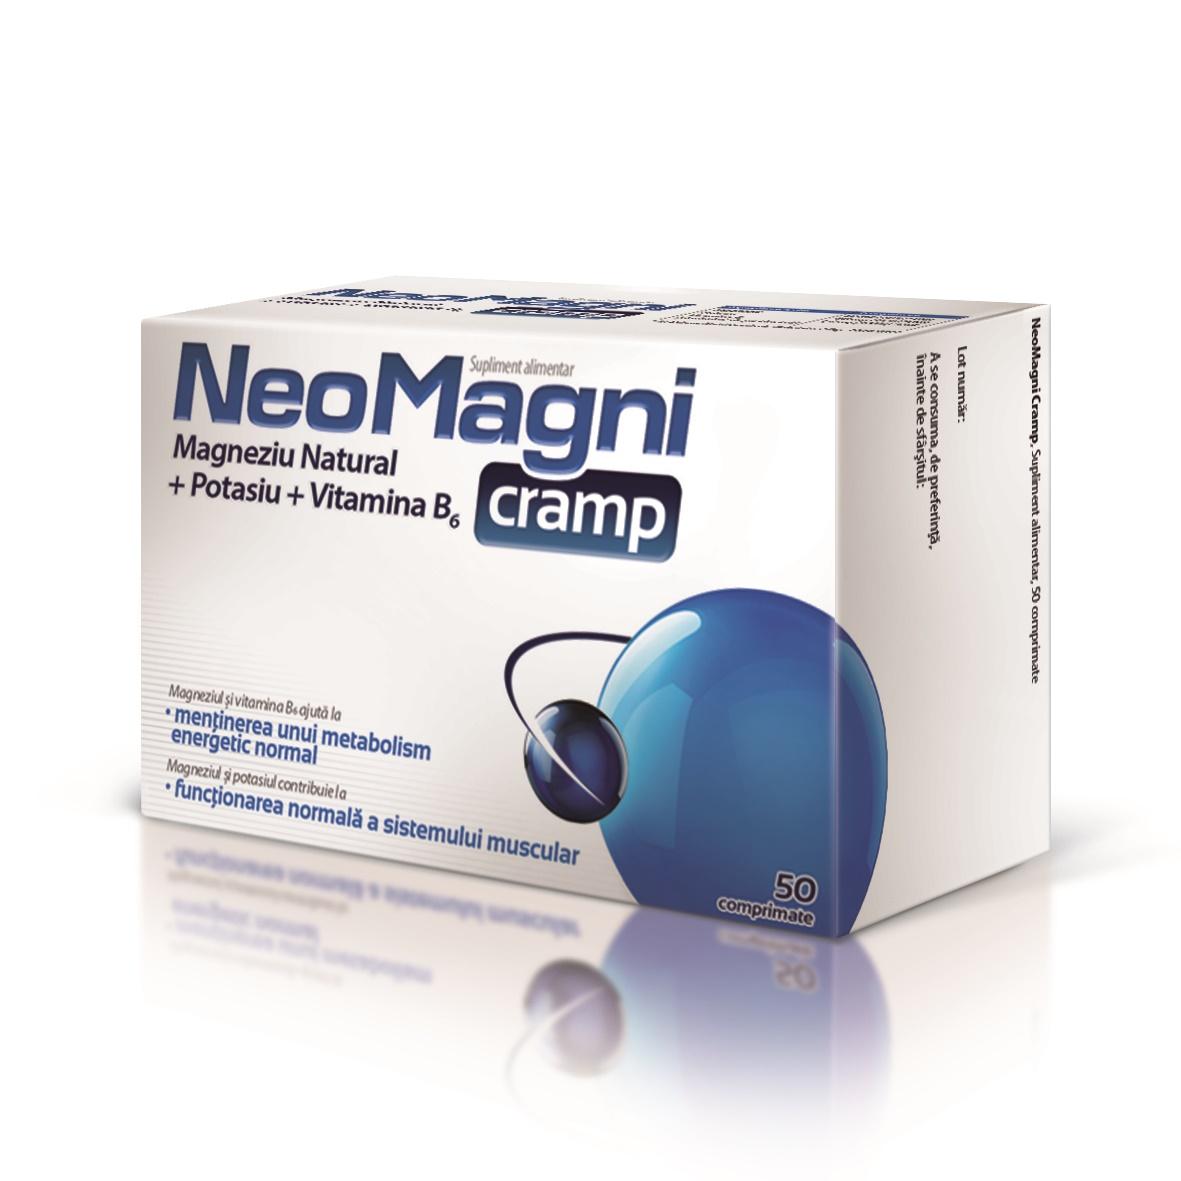 NeoMagni cramp, 50 comprimate, Aflofarm